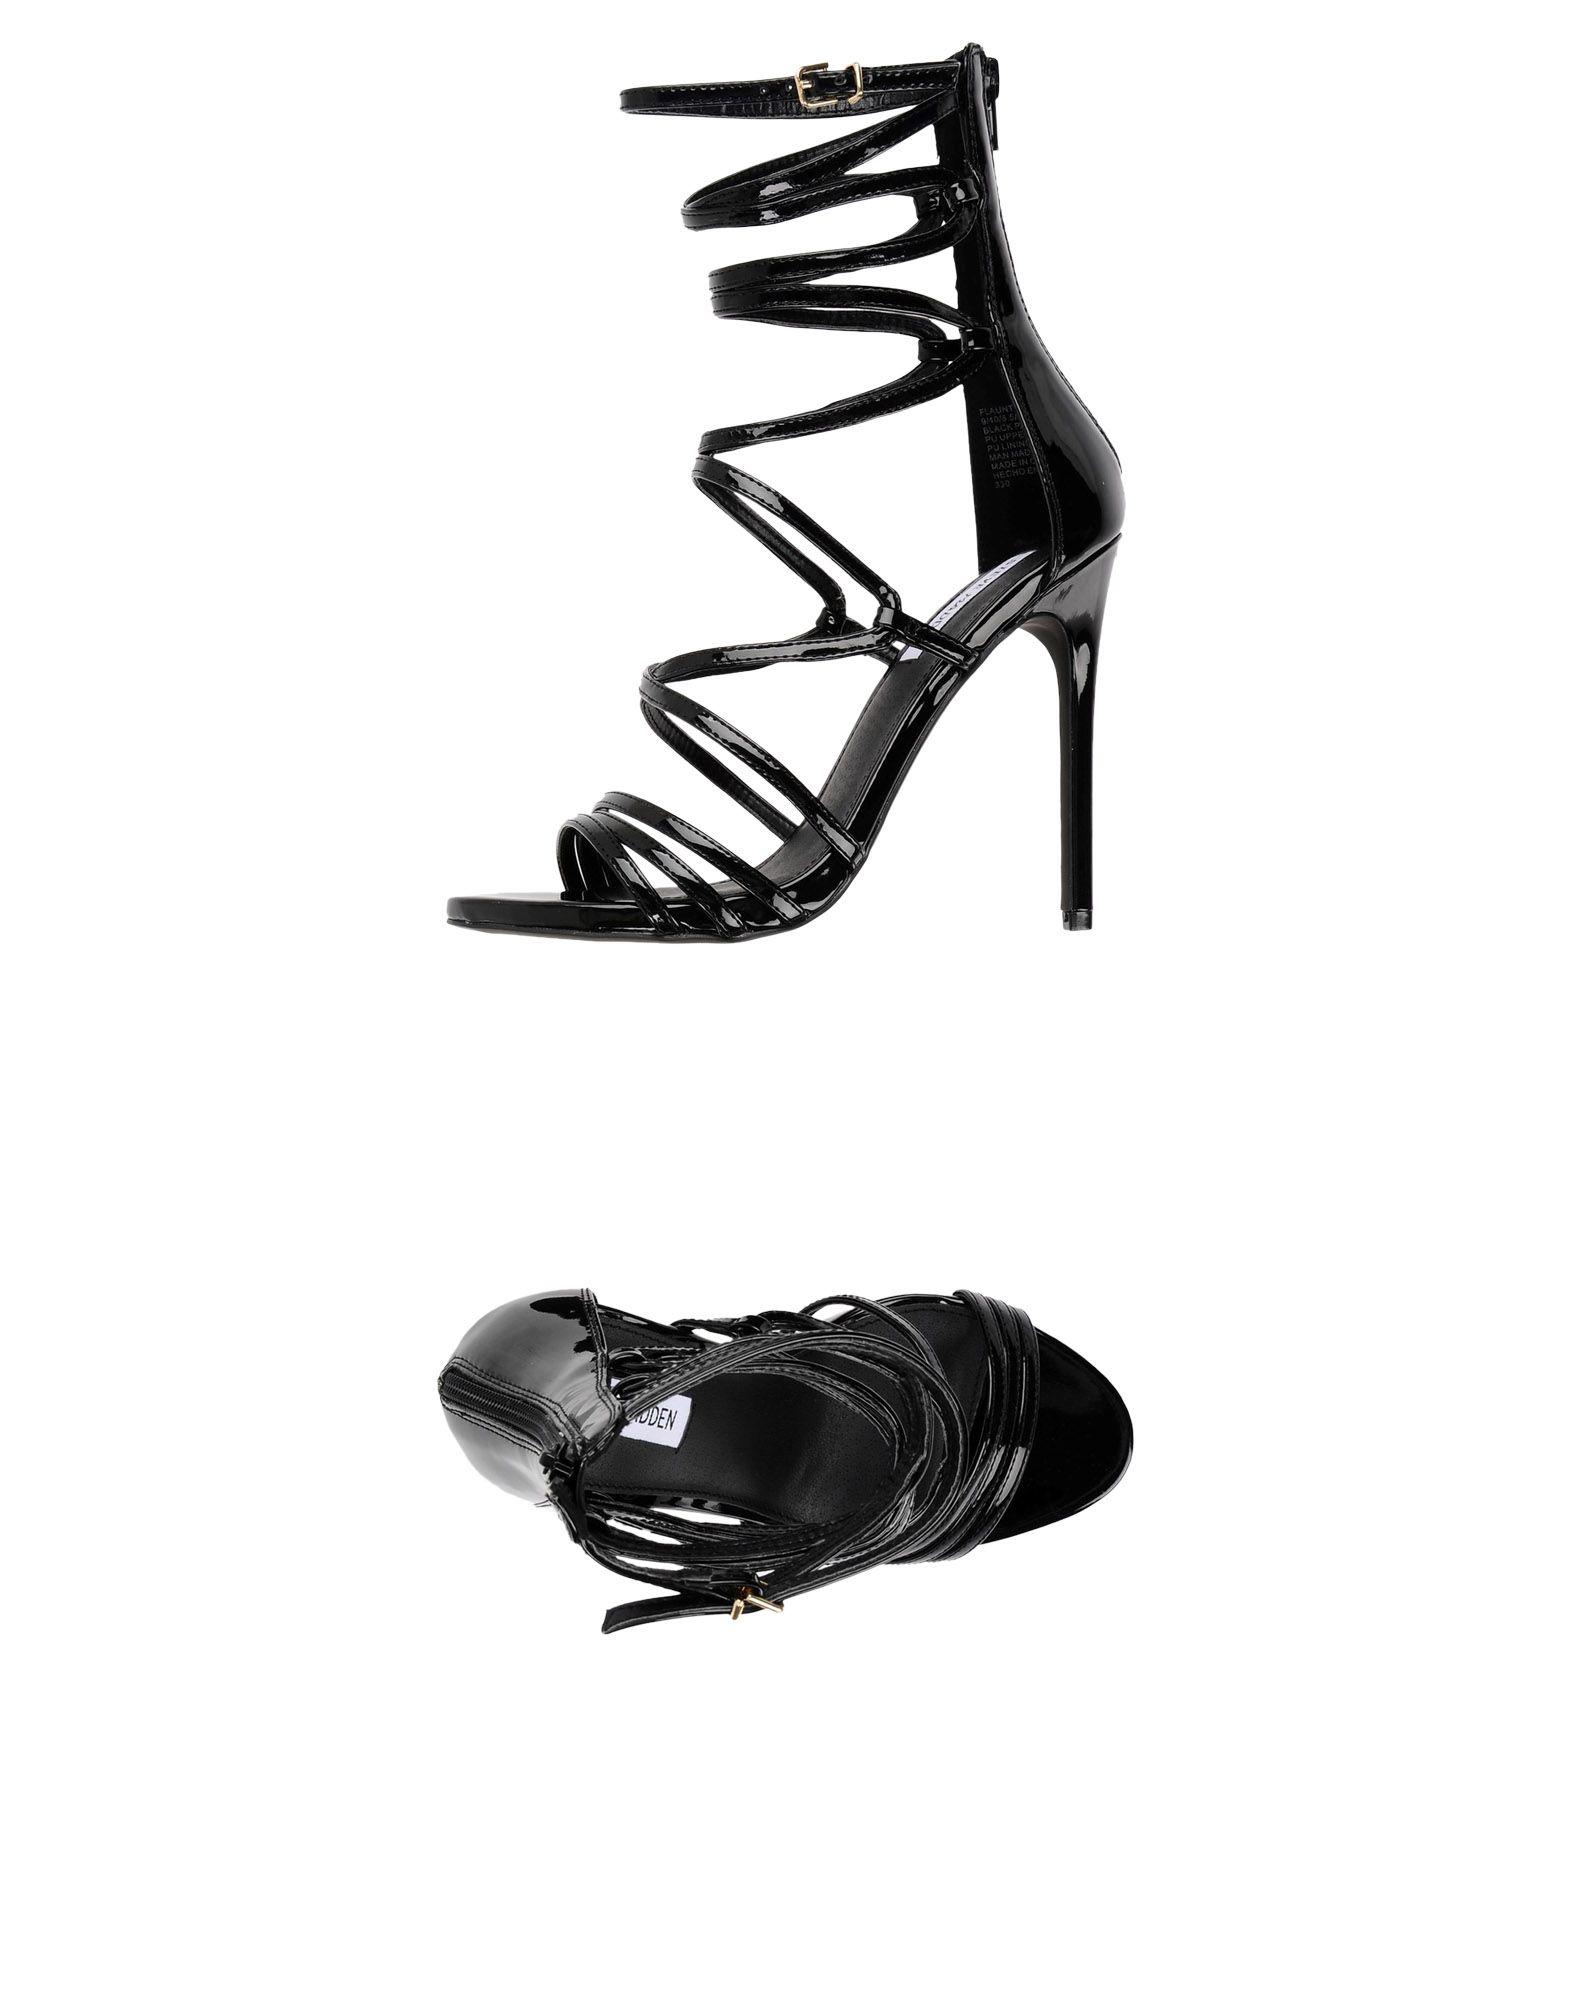 Steve Madden Flaunt Sandal  11438466KX Gute Qualität beliebte Schuhe